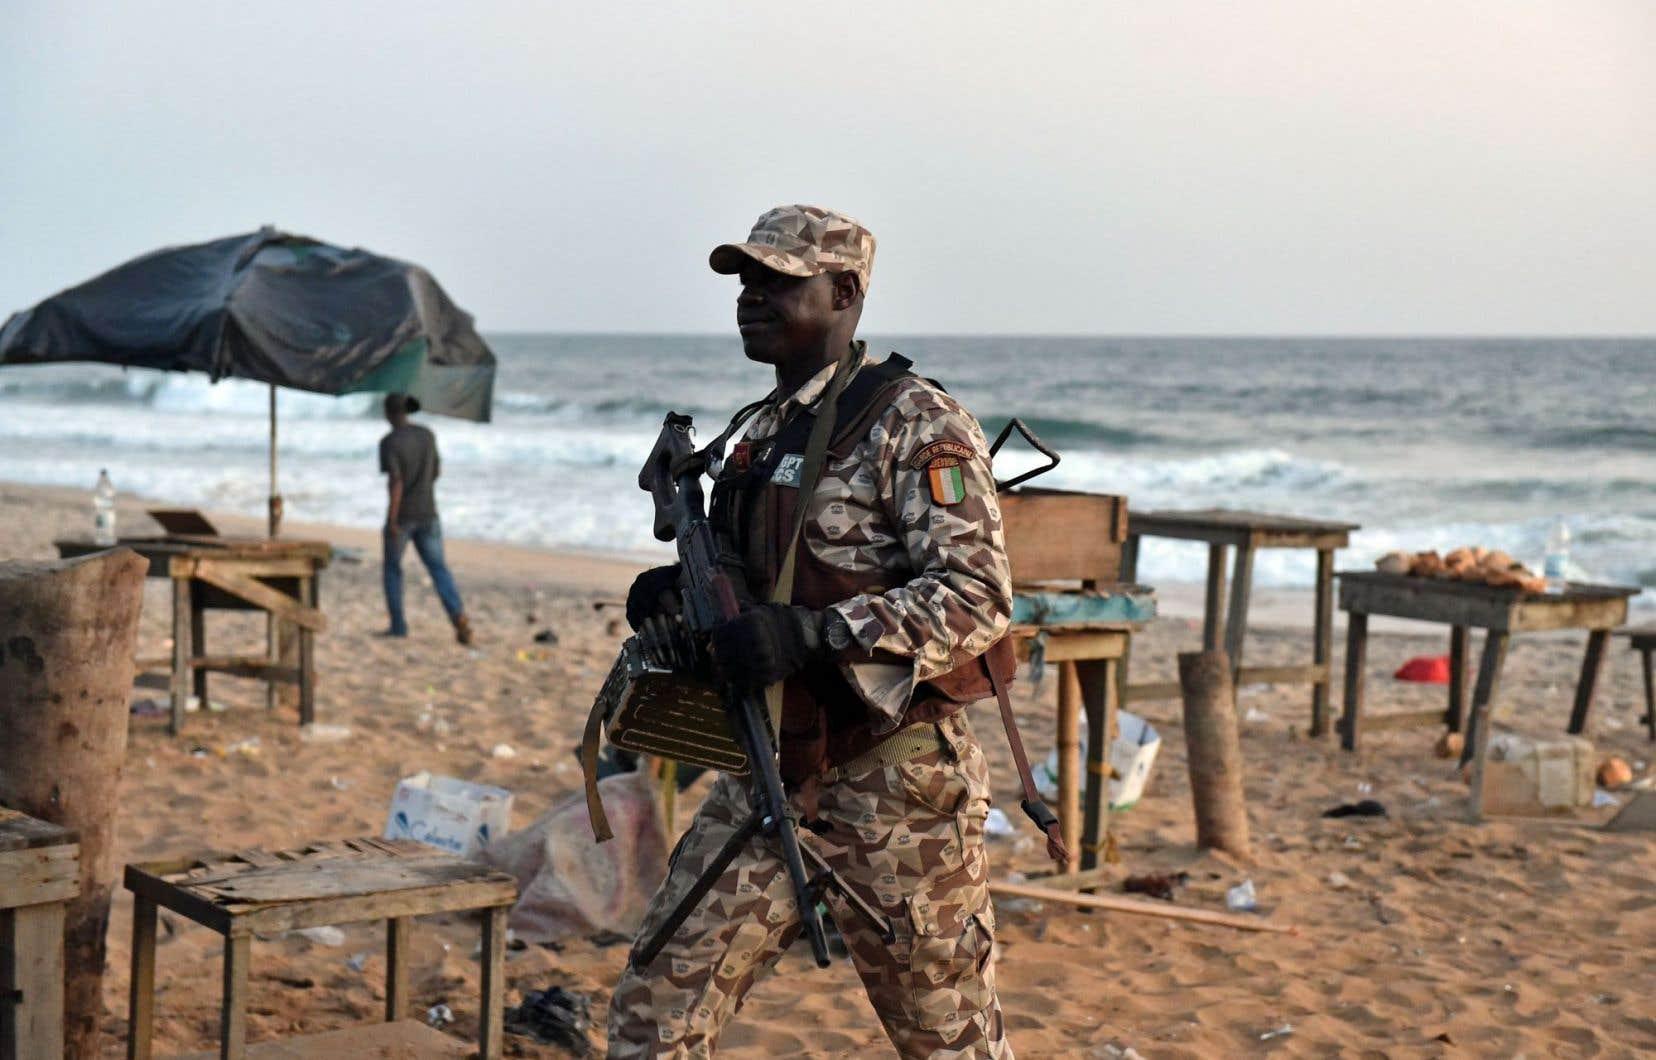 L'attentat à Grand-Bassam, aux portes d'Abidjan, a fait 21 morts dimanche.